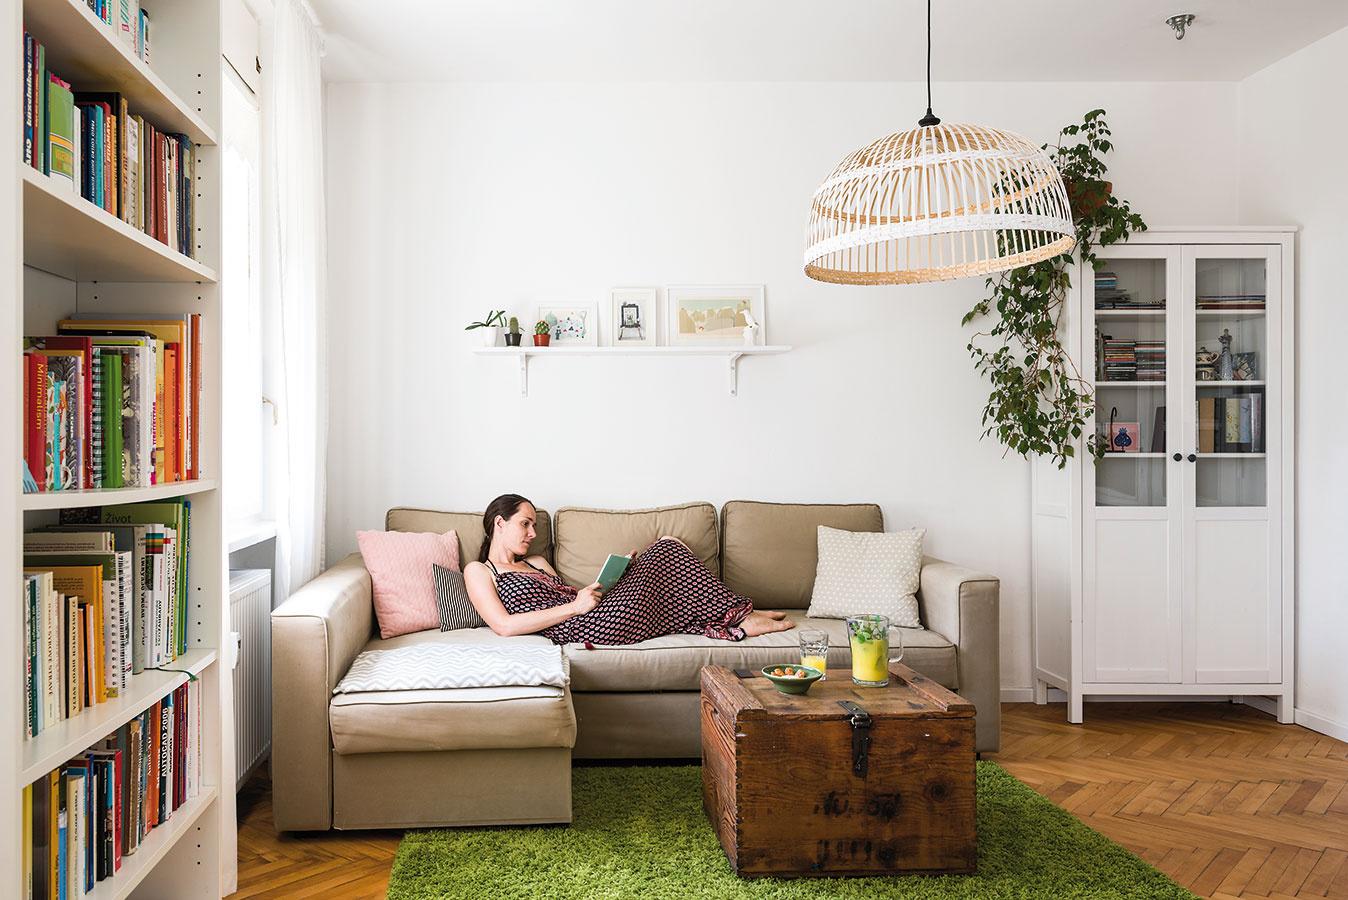 """Obývačku urobili znajmenšej miestnosti vbyte. """"Má veľa svetla, čo je podľa mňa vdennom priestore dôležité. Navyše sme ju mohli spojiť skuchyňou, čo je praktické, azároveň tak obývačka pôsobí väčším dojmom."""""""